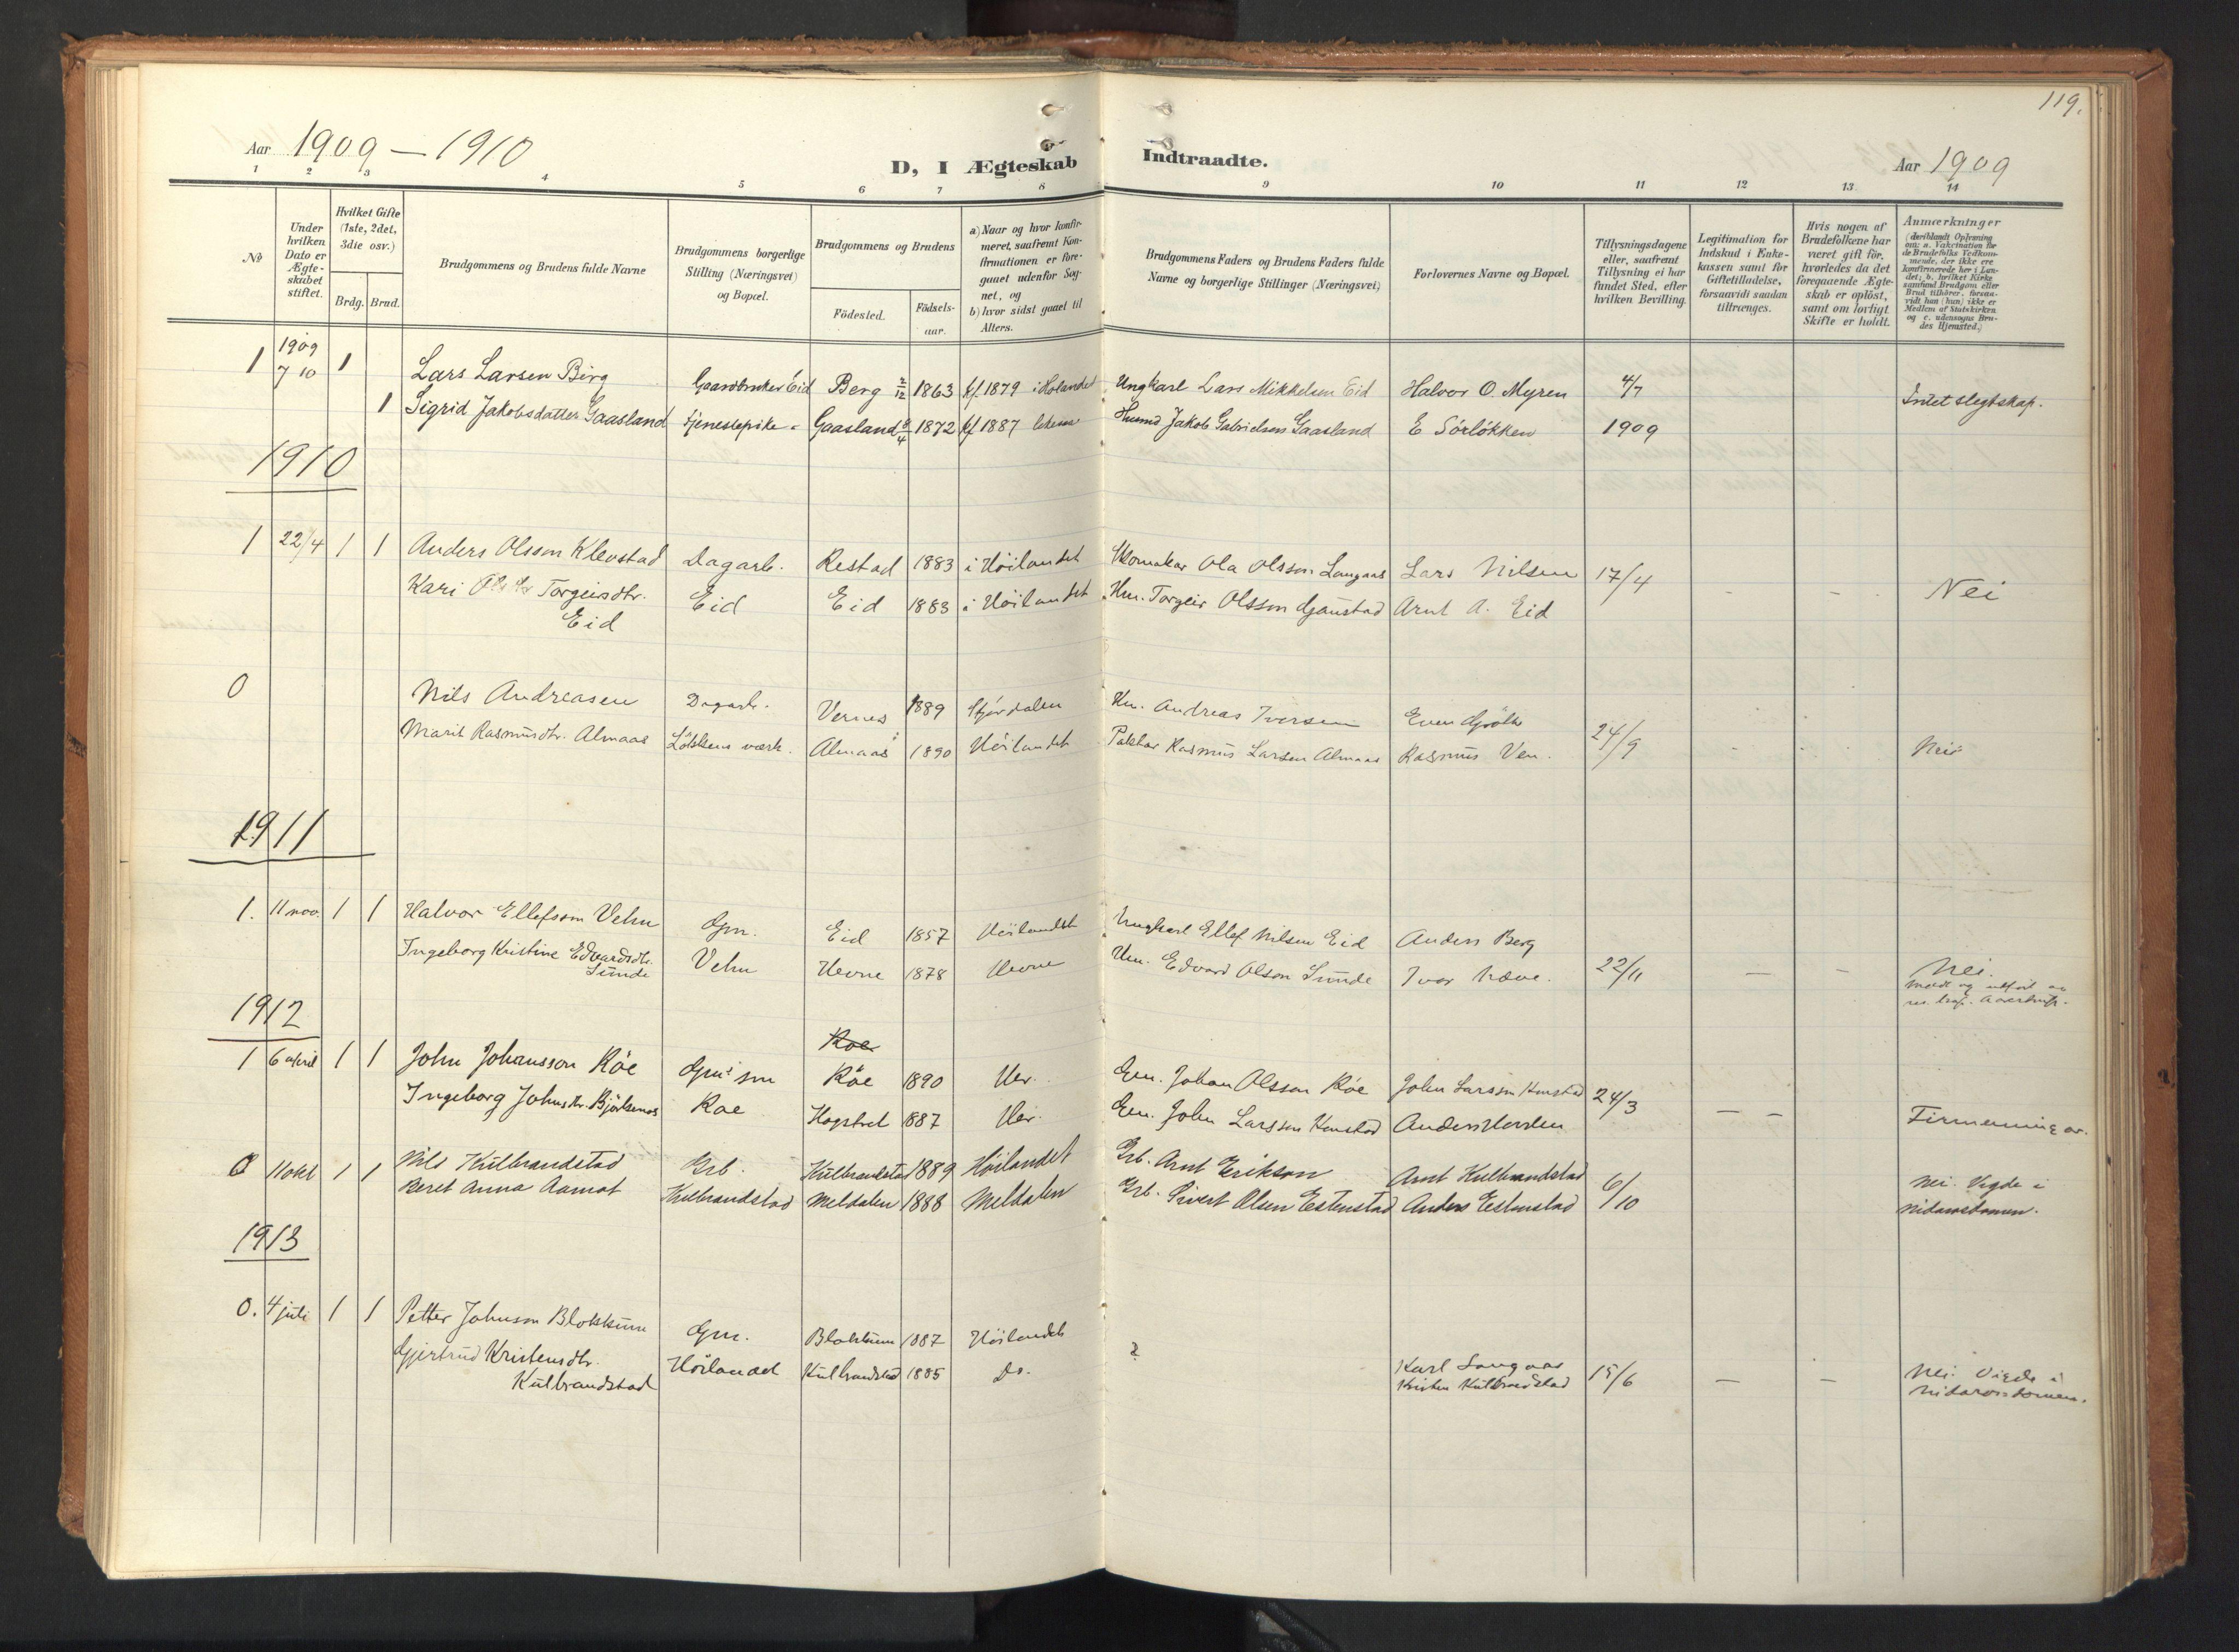 SAT, Ministerialprotokoller, klokkerbøker og fødselsregistre - Sør-Trøndelag, 694/L1128: Ministerialbok nr. 694A02, 1906-1931, s. 119